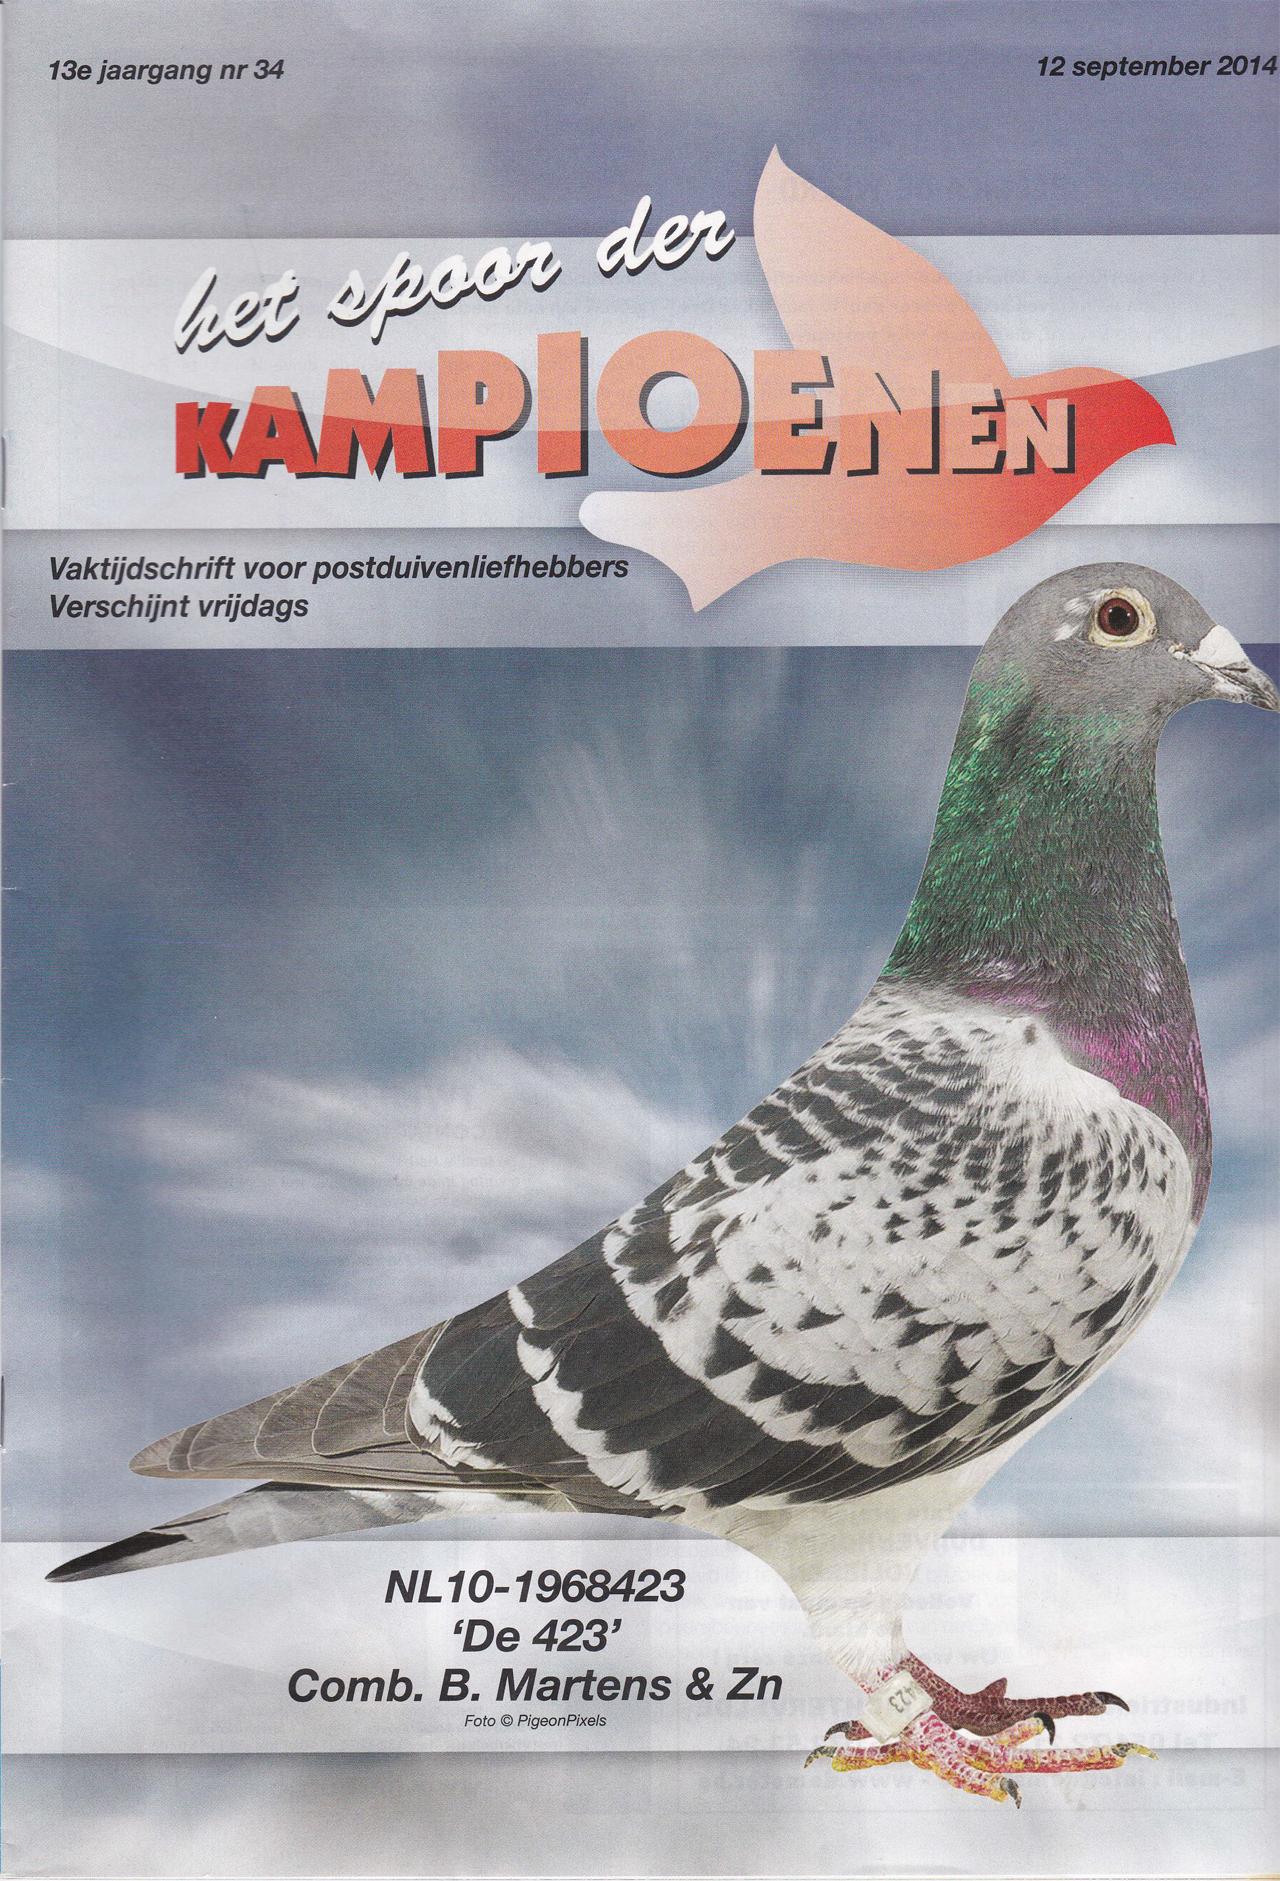 2014 - Spoor der Kampioenen Cover - de 423